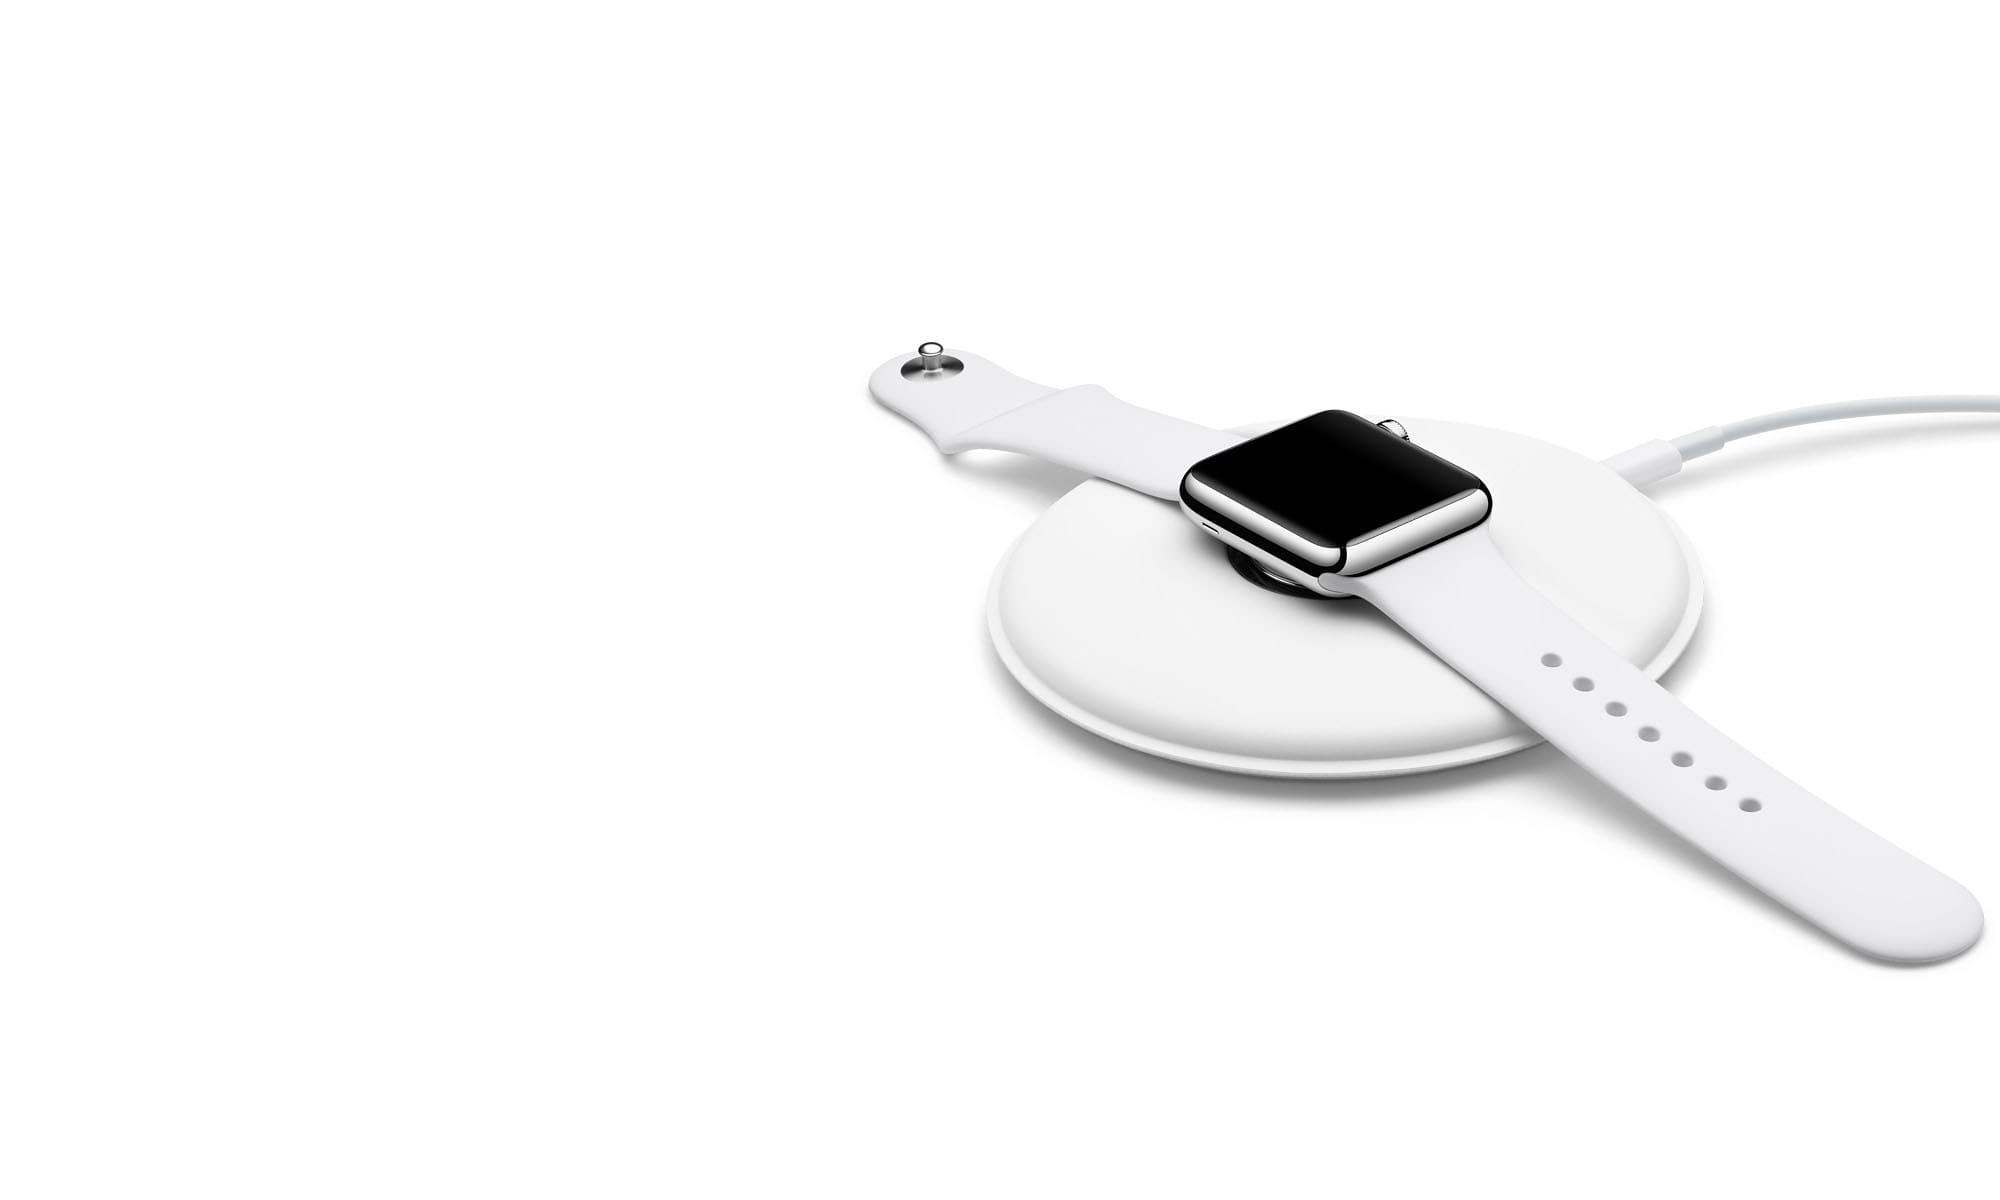 Apple-Watch-Charging-Dock-03